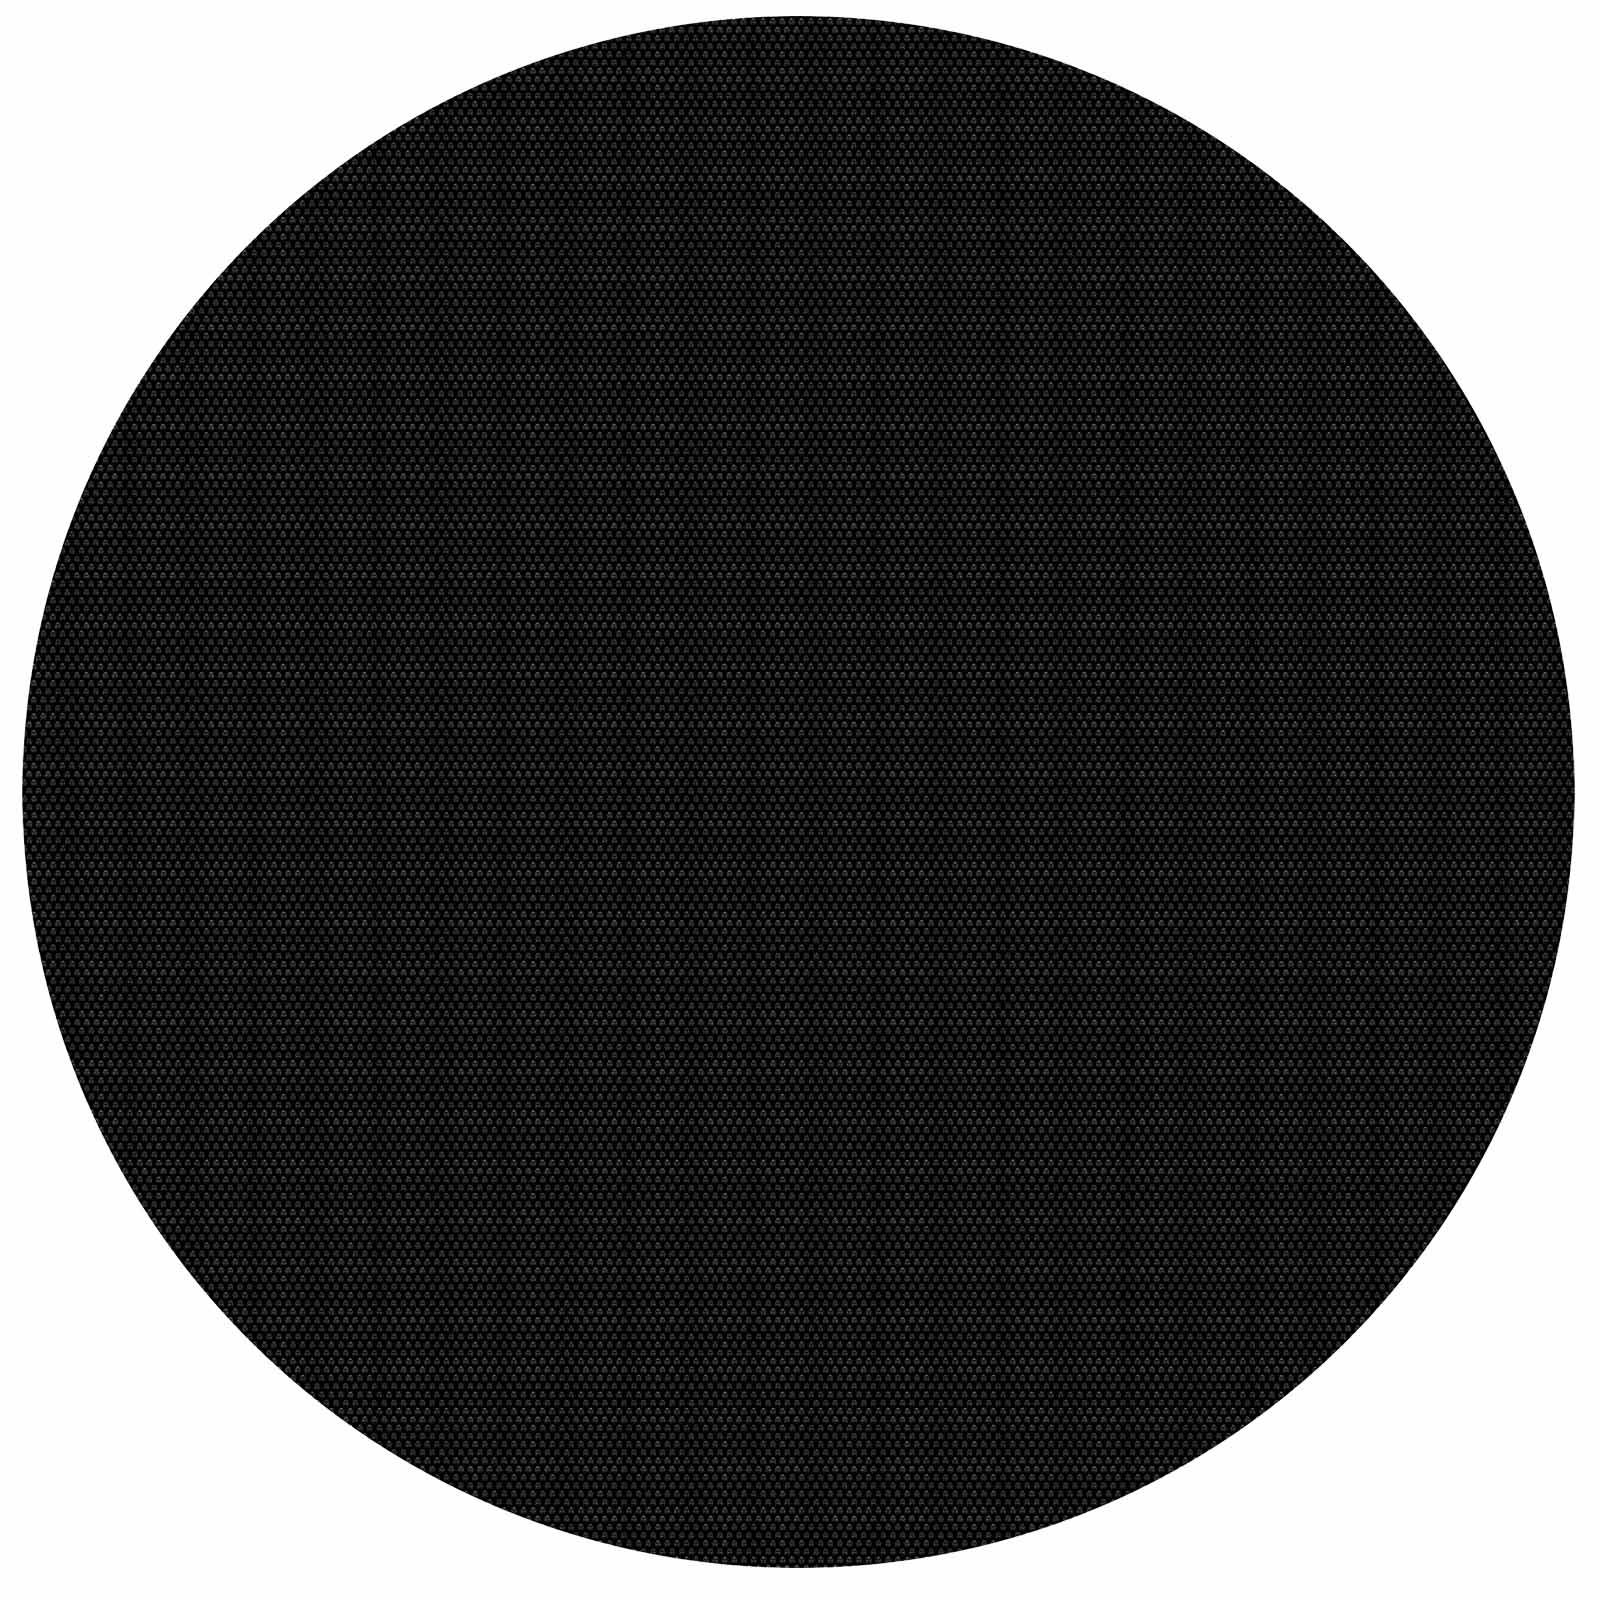 pool solarfolie rund schwarz poolabdeckung solarplane poolheizung ebay. Black Bedroom Furniture Sets. Home Design Ideas